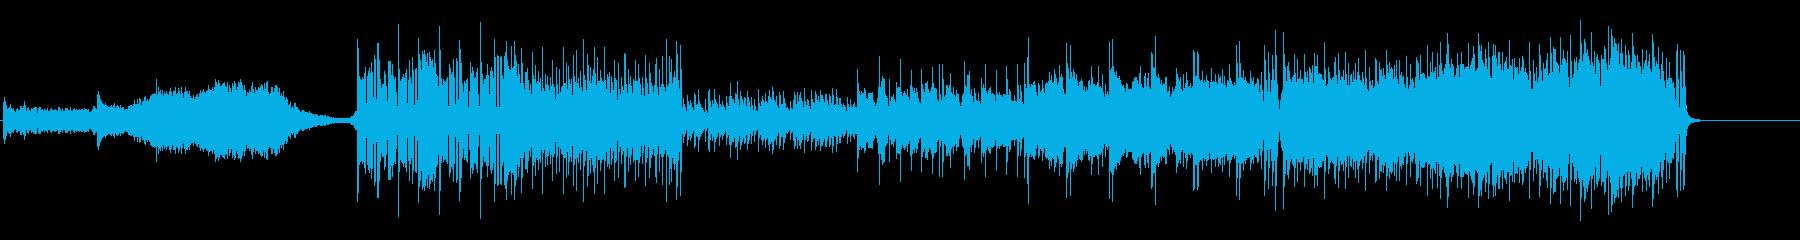 民族調なオープニング曲の再生済みの波形